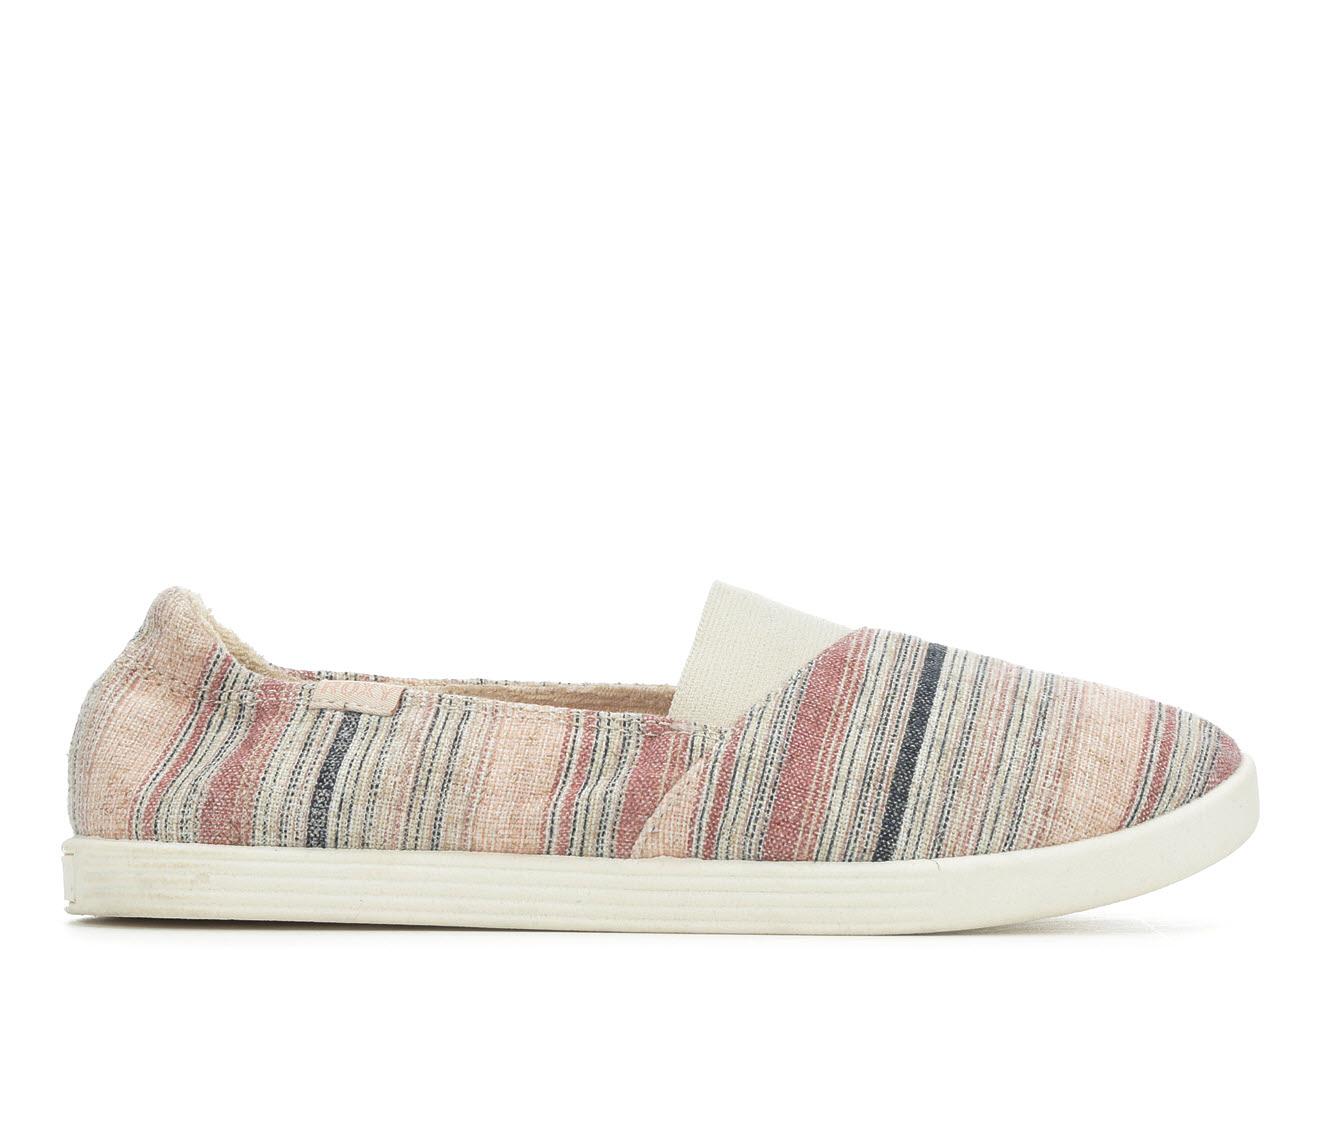 Roxy Danaris Women's Shoe (Pink Canvas)